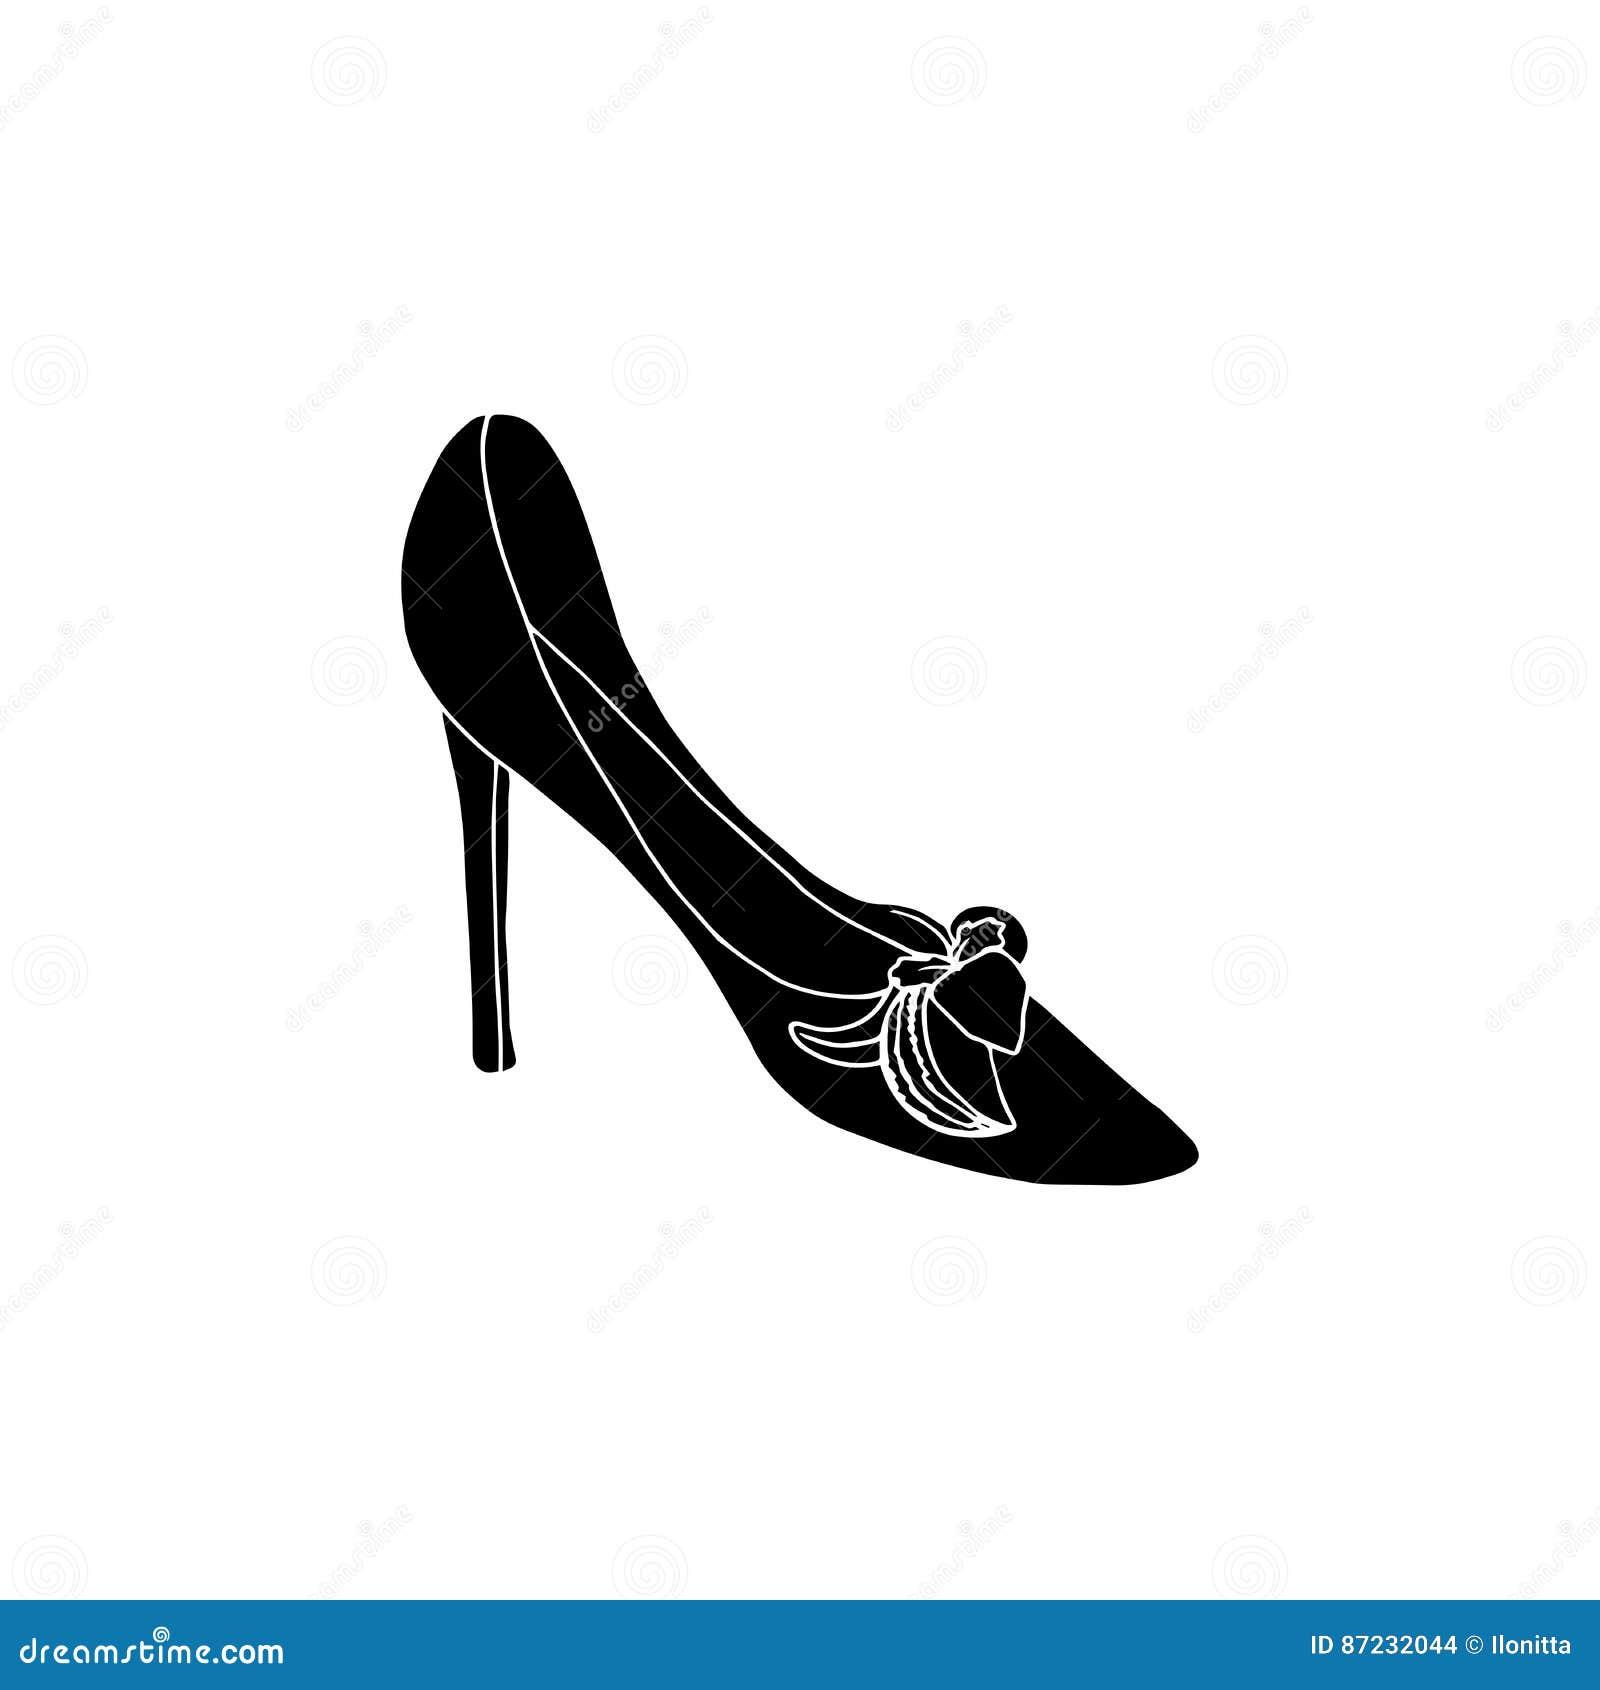 Alto Ilustraciones Del Calzado Para Mujer La Tacón De Zapatos Y0aEqw6Ow